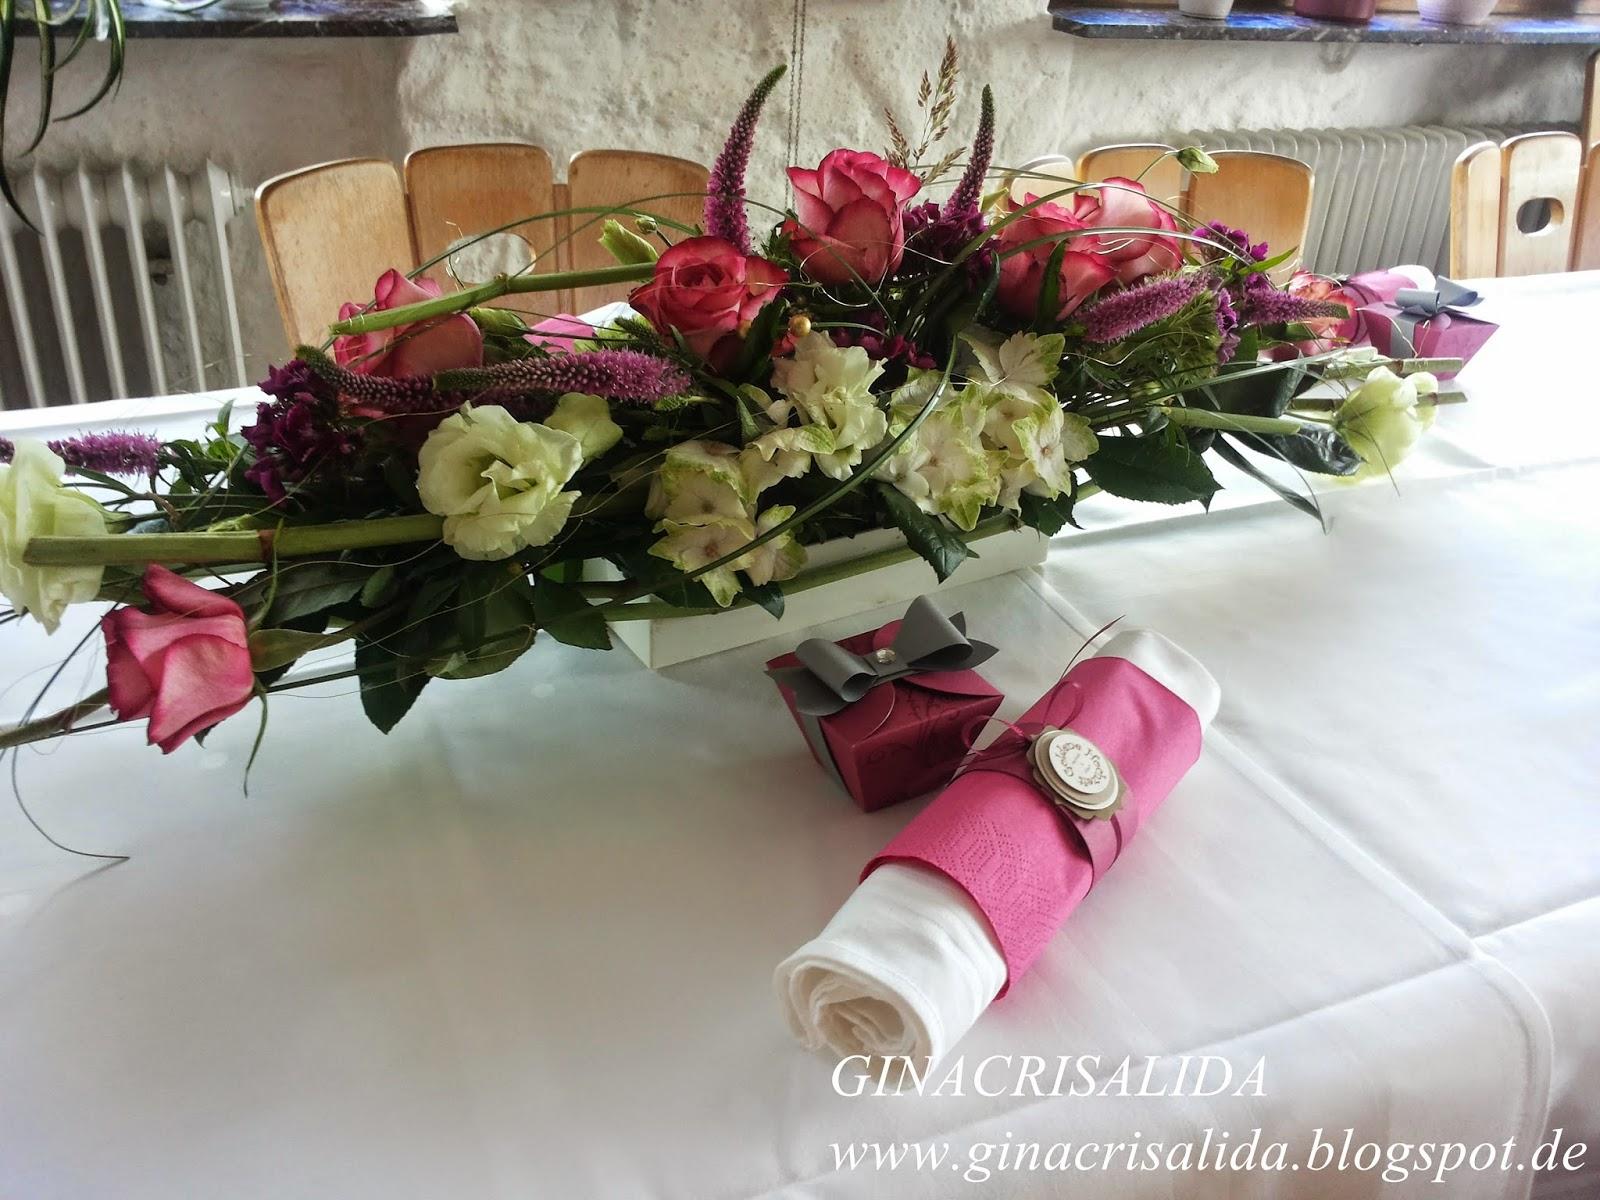 Ginacrisalida tischdekoration zur goldenen hochzeit for Floristik tischdeko